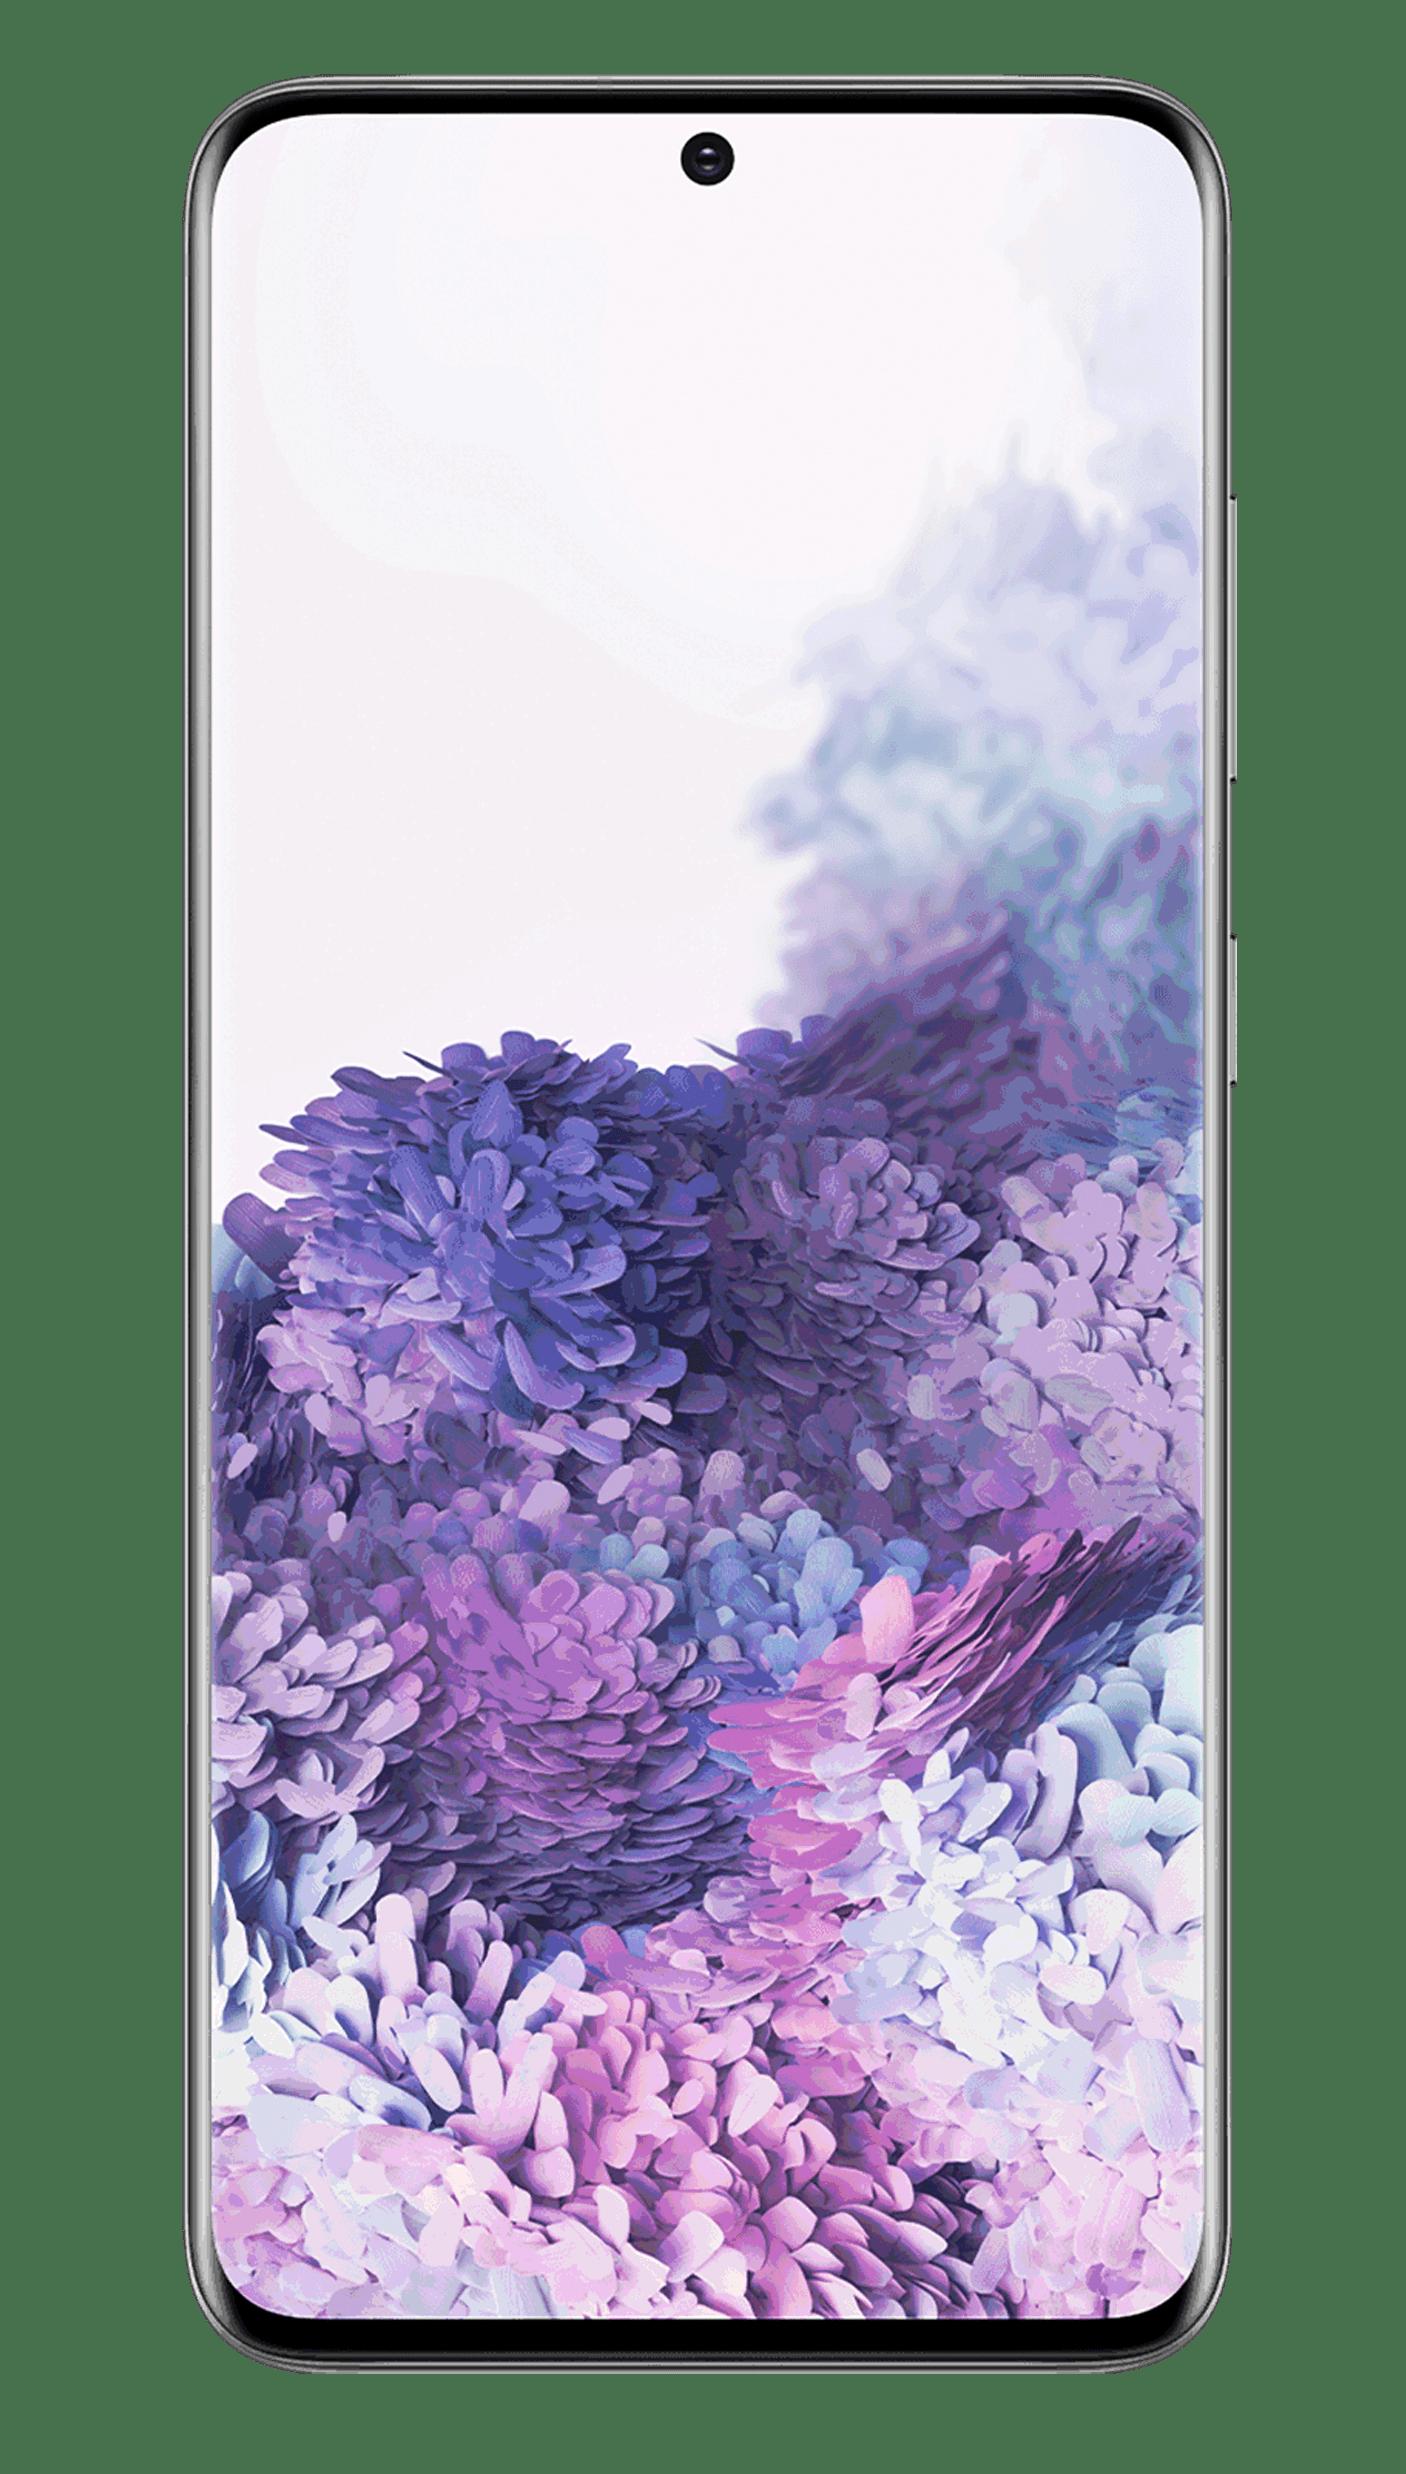 Troca de Vidro Samsung S20 Plus A FixOnline é especialista em TROCA DE VIDRO Samsung Linha S e Note. Mas, você sabe diferenciar a TROCA DE VIDRO da TROCA DE TELA? A Fix te explica! :) A troca de vidro do S20 Plus consiste em removermos apenas a camada de vidro que fica acima do LCD. O LCD é o responsável por fornecer a imagem, cores e toque (touch). Portanto, o vidro tem função apenas estética e de proteção do LCD. Sendo assim, para que possamos trocar apenas o vidro, é importante que a tela esteja totalmente operacional, acendendo, com touch respondendo e sem manchas. Exceções: Pequenas manchas que não interferem na utilização permitem que o processo seja realizado.   Já os casos de TROCA DE TELA SAMSUNG 20 Plus ocorrem quando o LCD (imagem ou touch) foram afetados, causando grandes manchas ou impossibilidade de funcionamento do toque.   Agora que você já sabe a diferença entre TROCA DE VIDRO DO S20 Plus e TROCA DE TELA, confira os benefícios de realizar o serviço com a FixOnline.